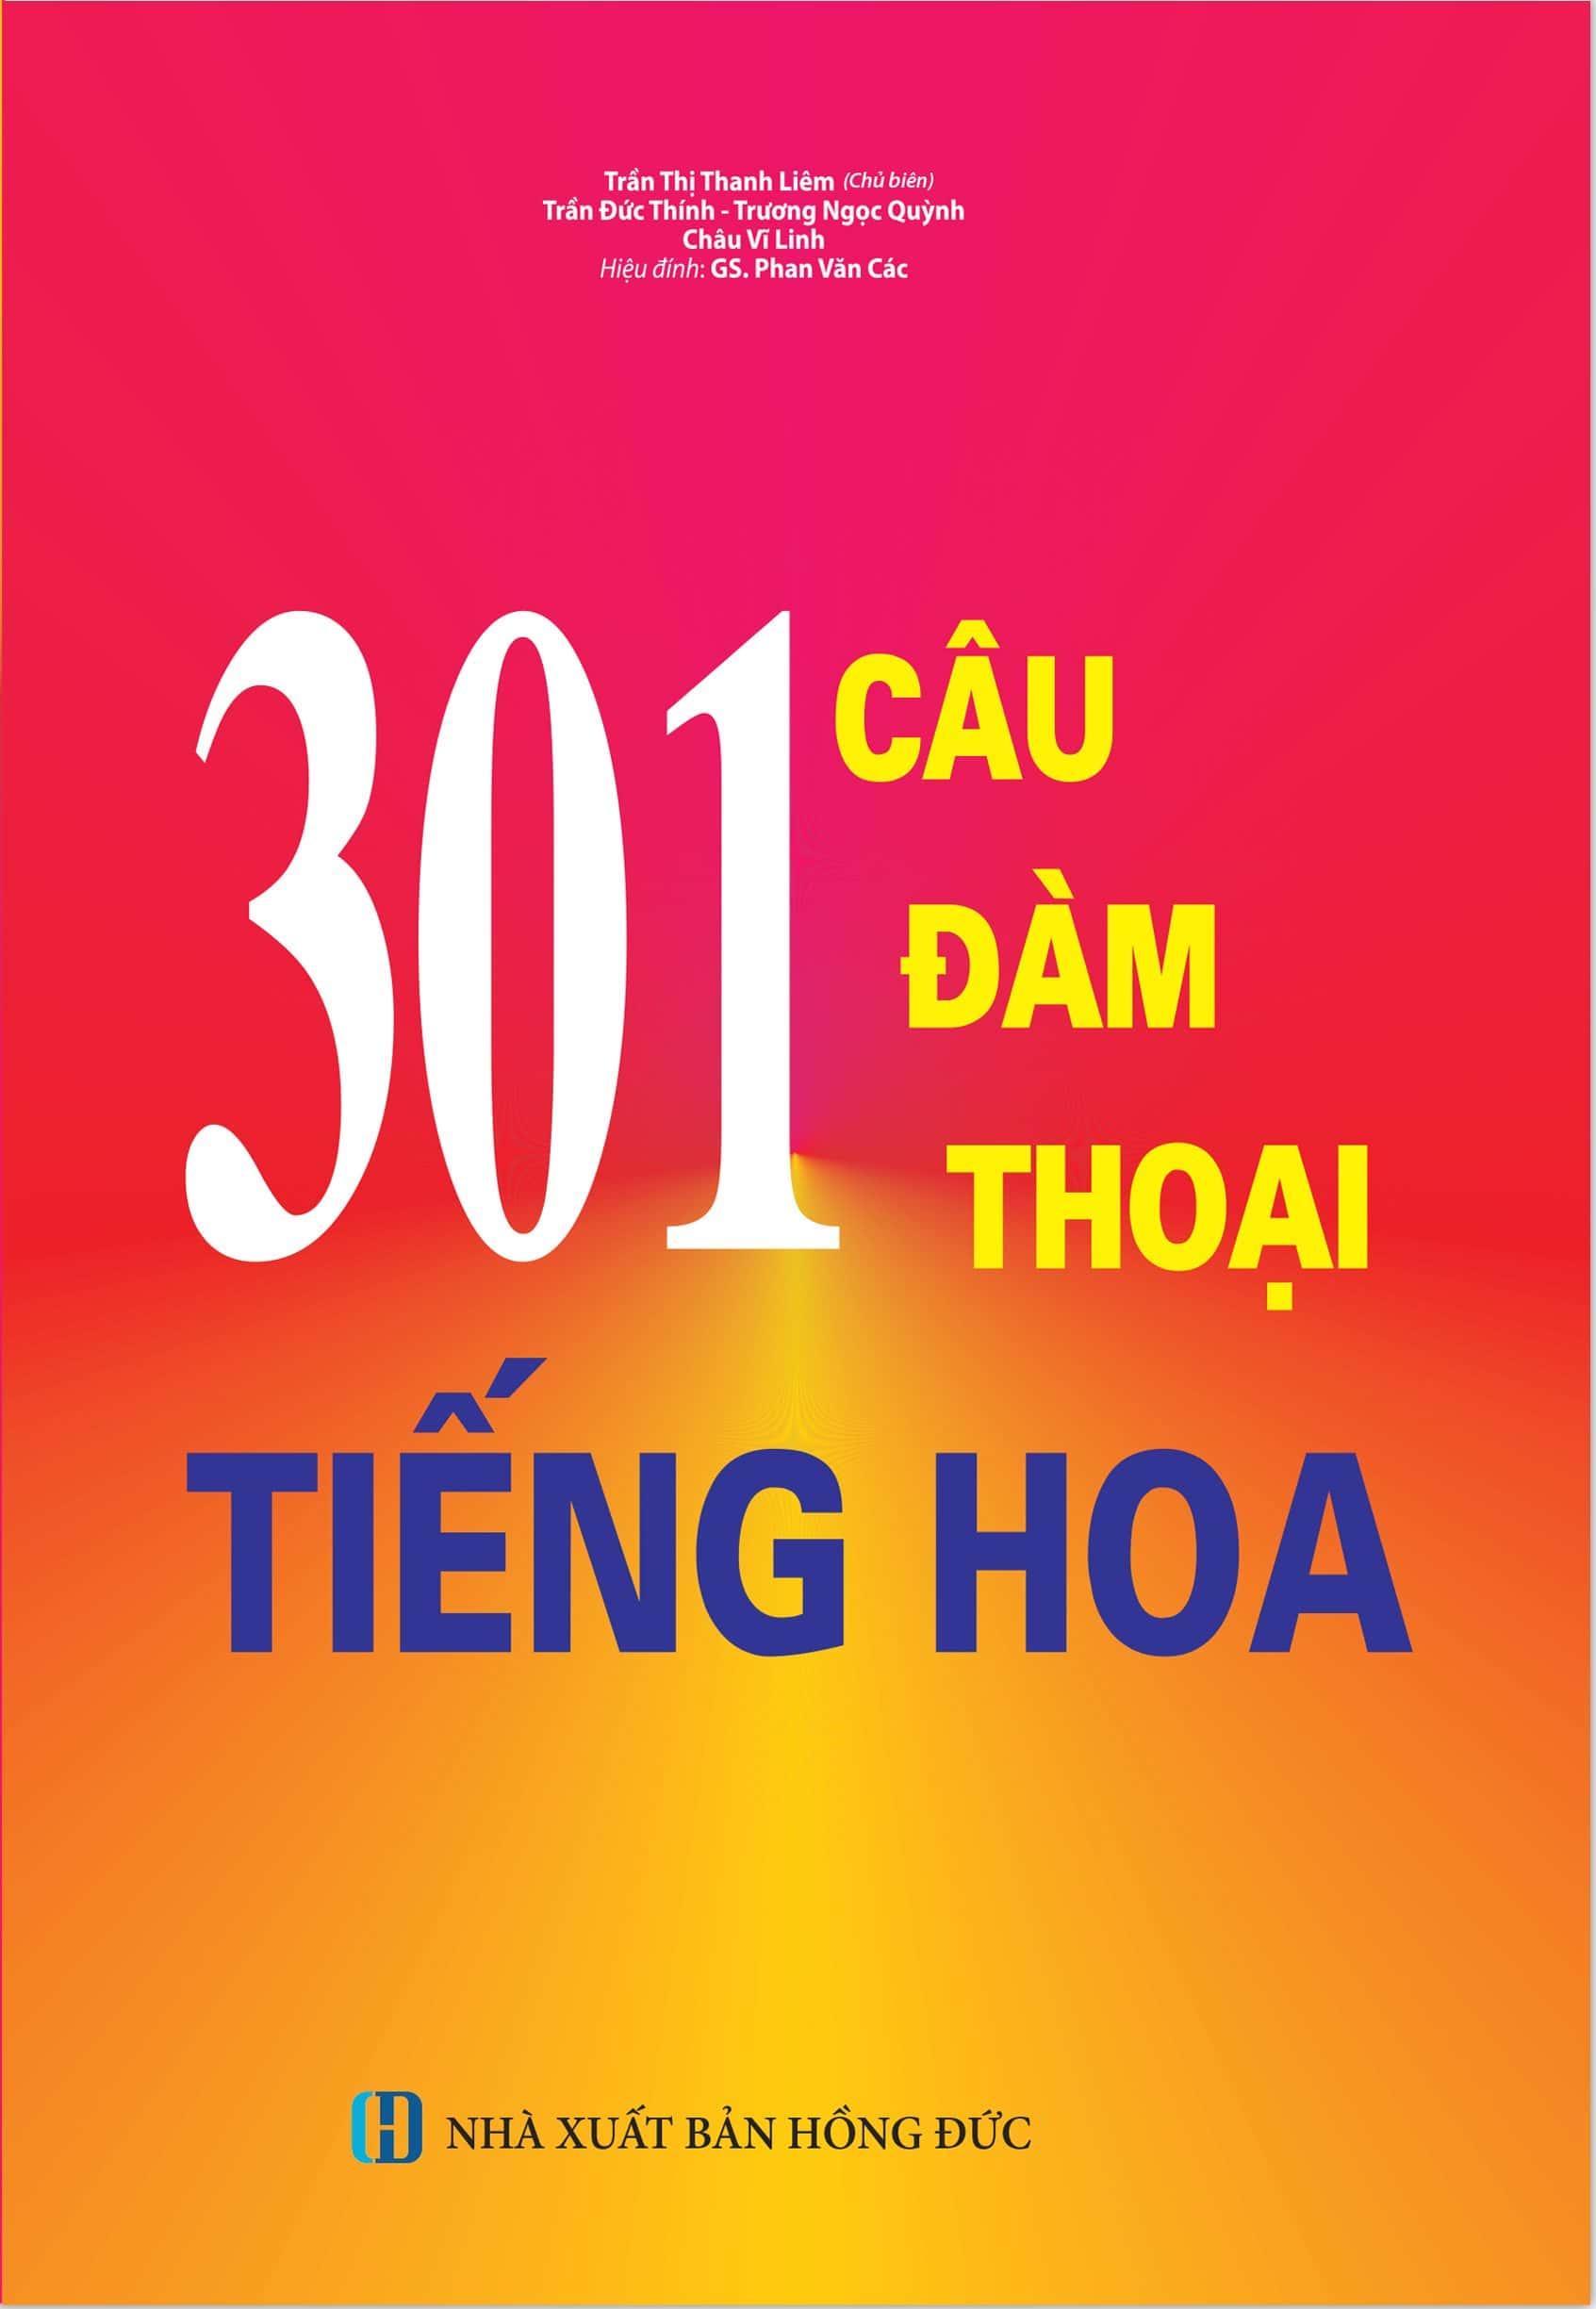 Giáo trình 301 câu đàm thoại tiếng Hoa.